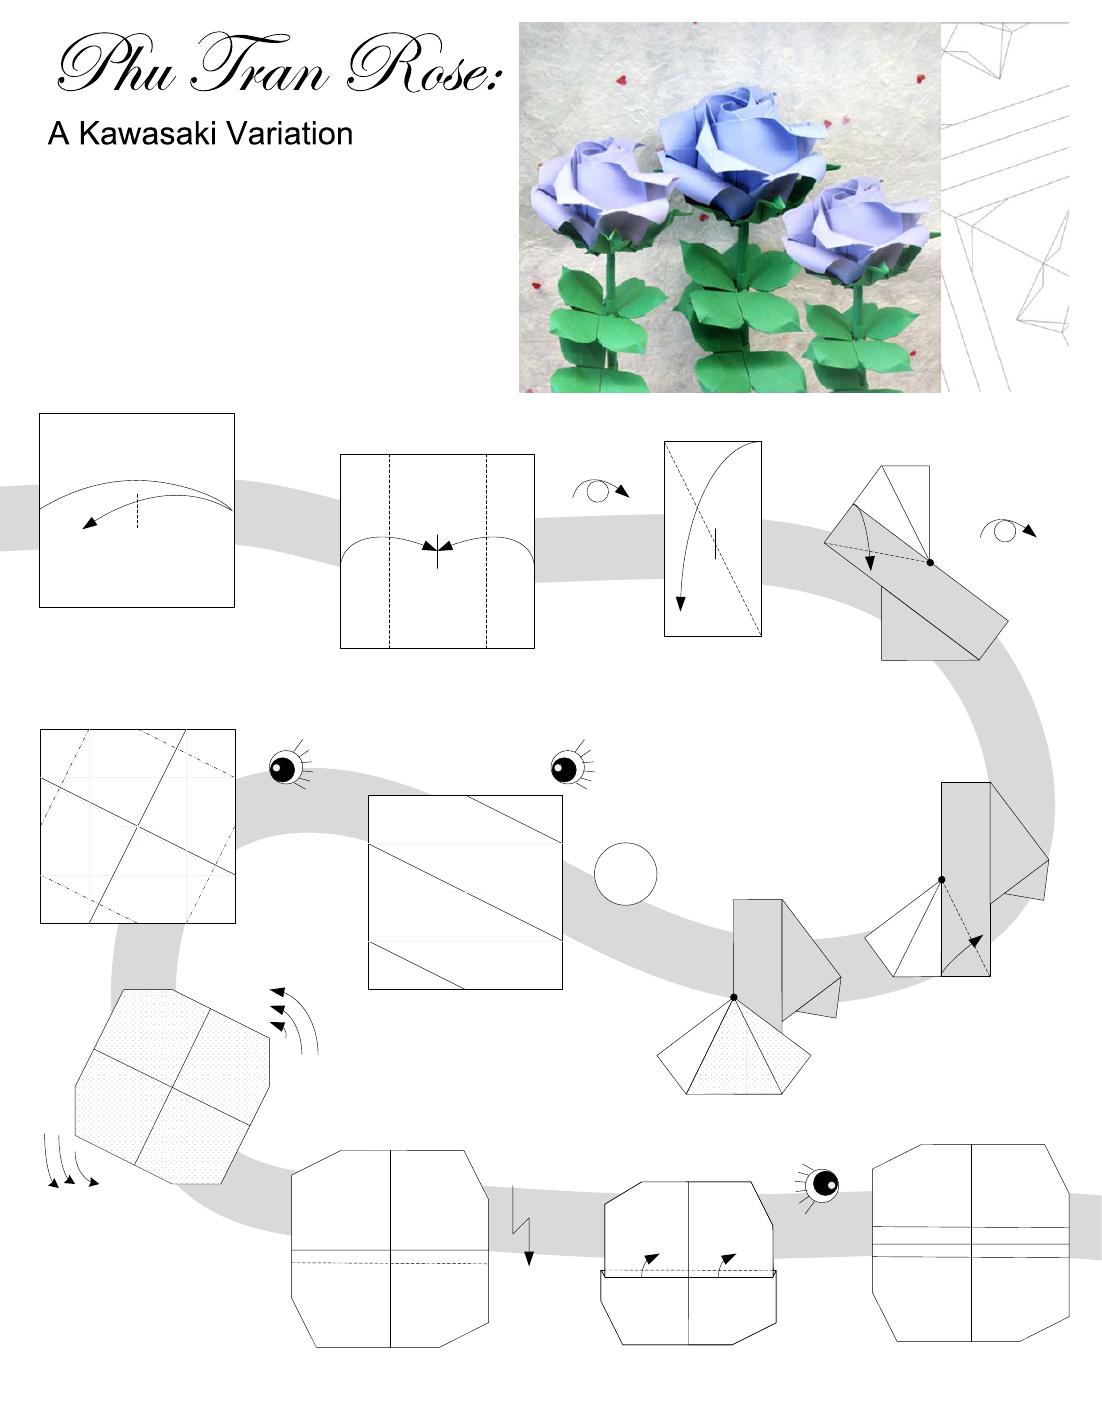 Origami Rose Diagram Phu Tran Roses Pinterest Flowers Diagrams Love Easy Paper